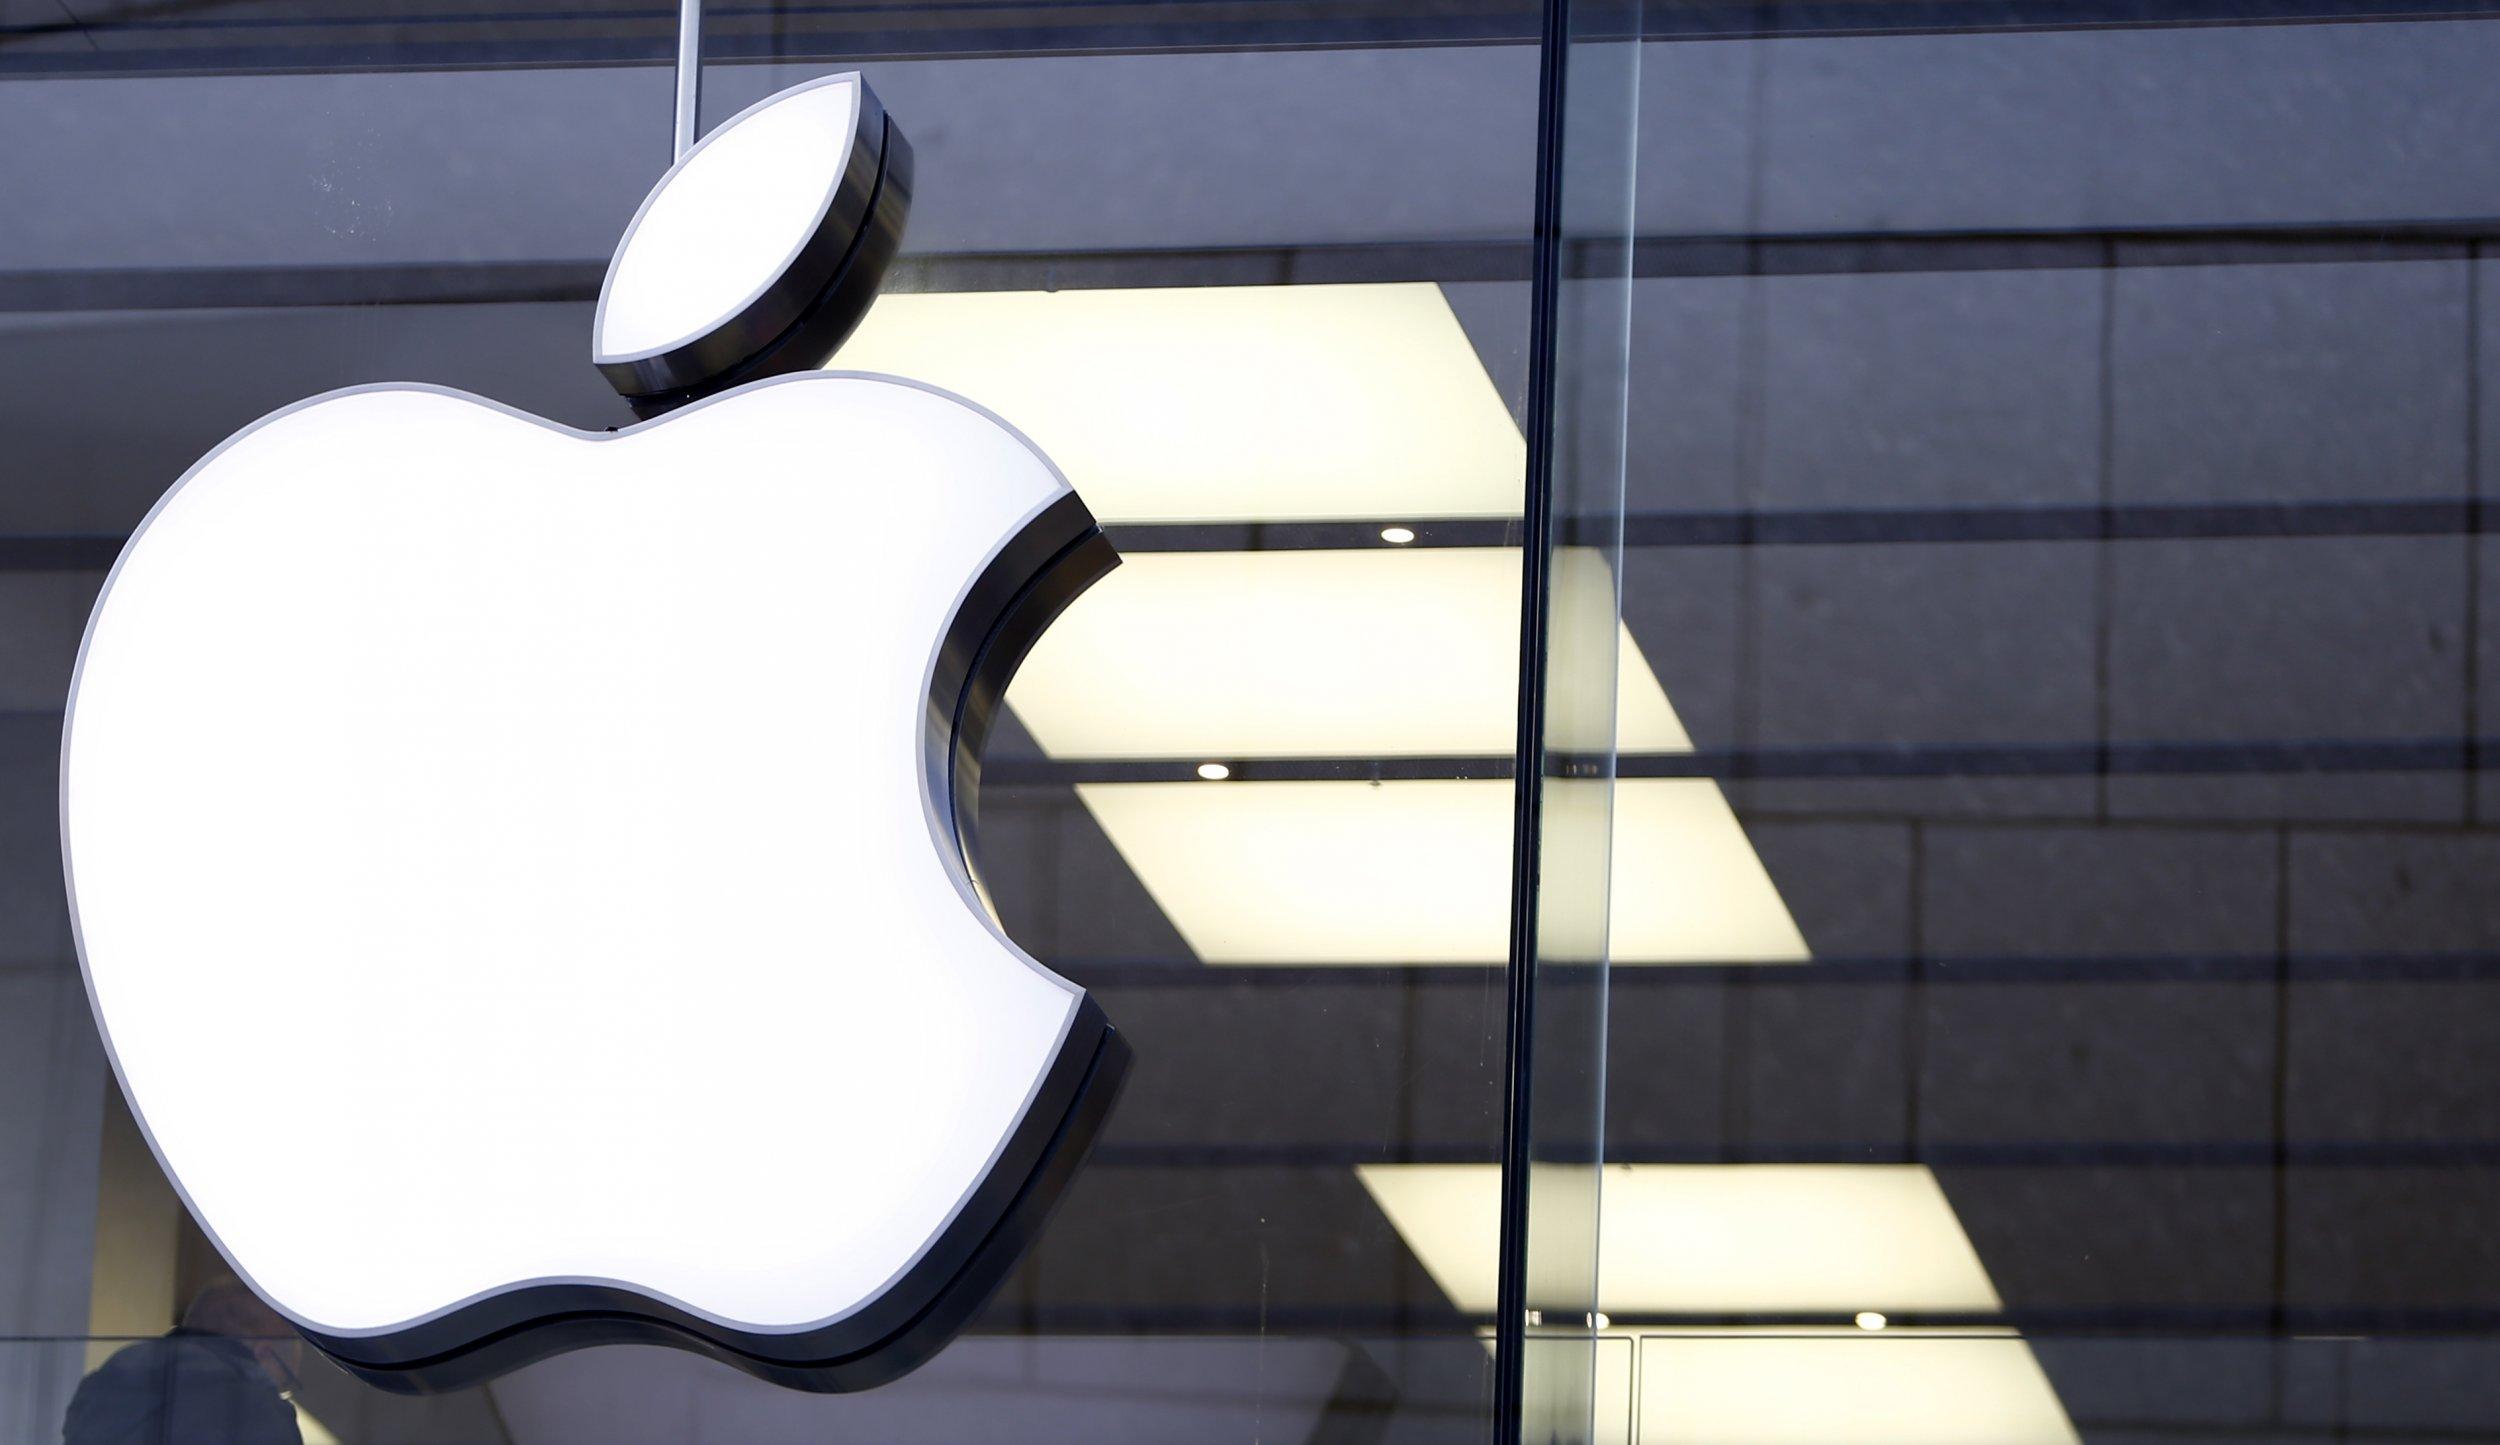 02_18_apple_clean_energy_01